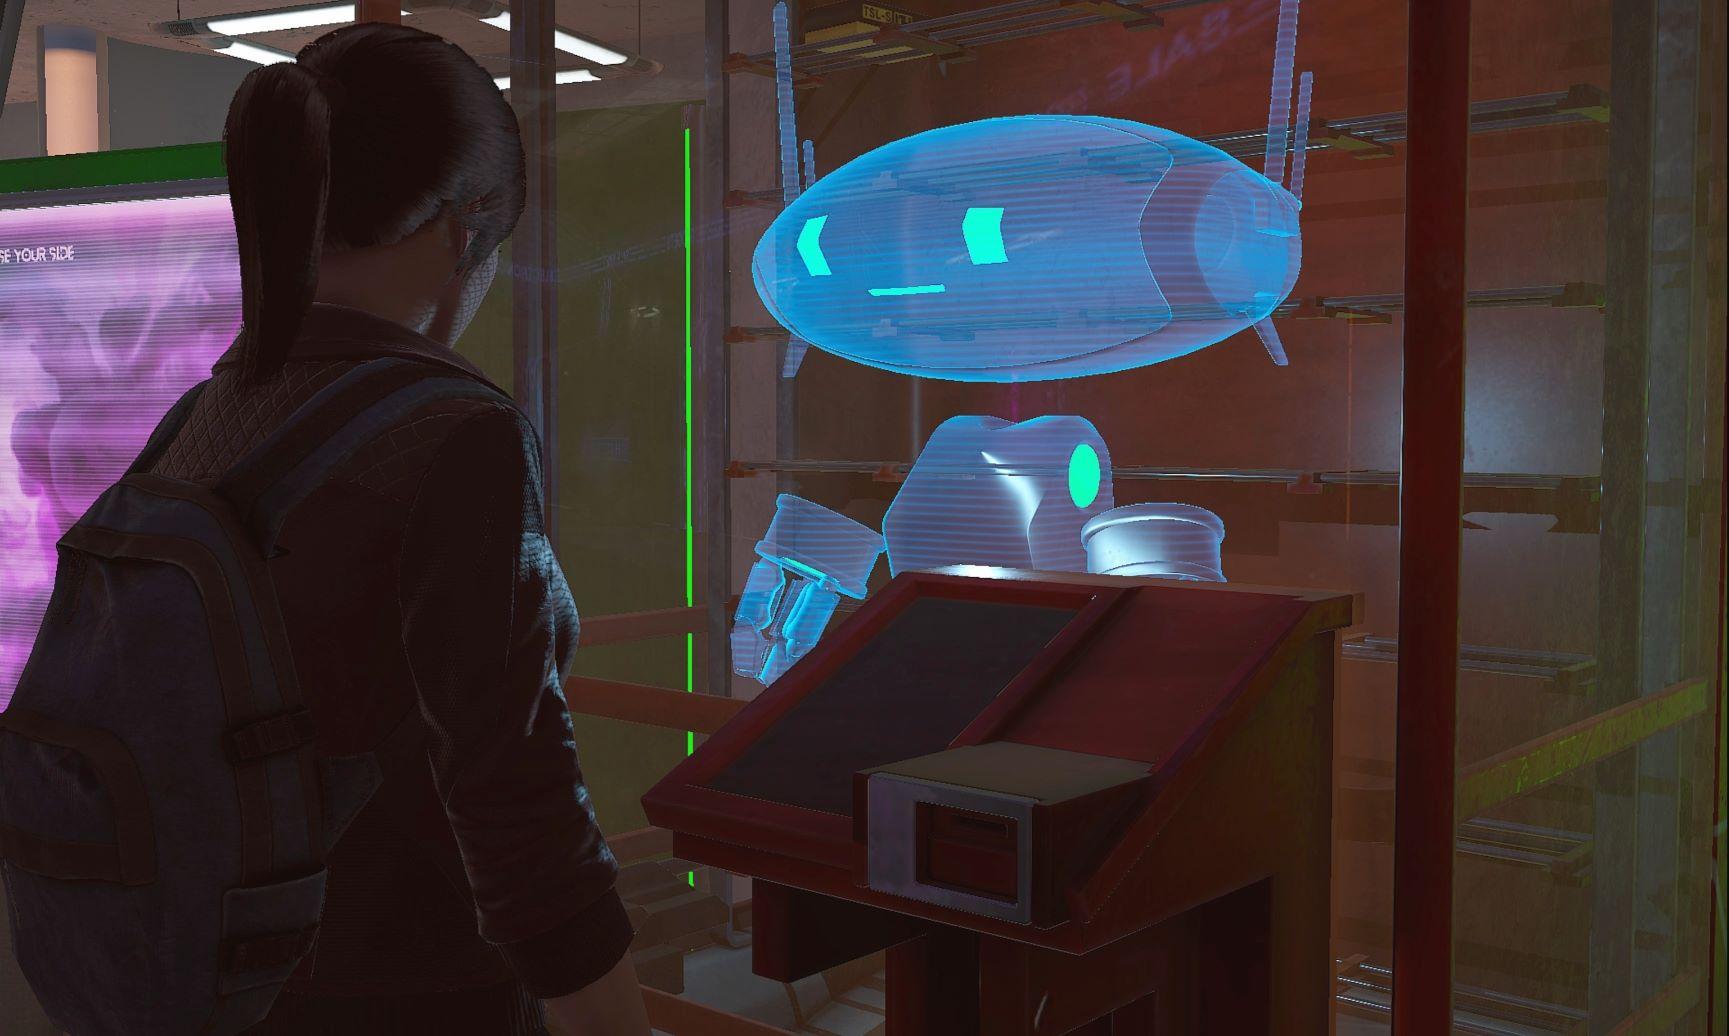 The Uncertain Light At The End su PC ha una data di uscita fissata al mese prossimo, arriva nel 2021 su console